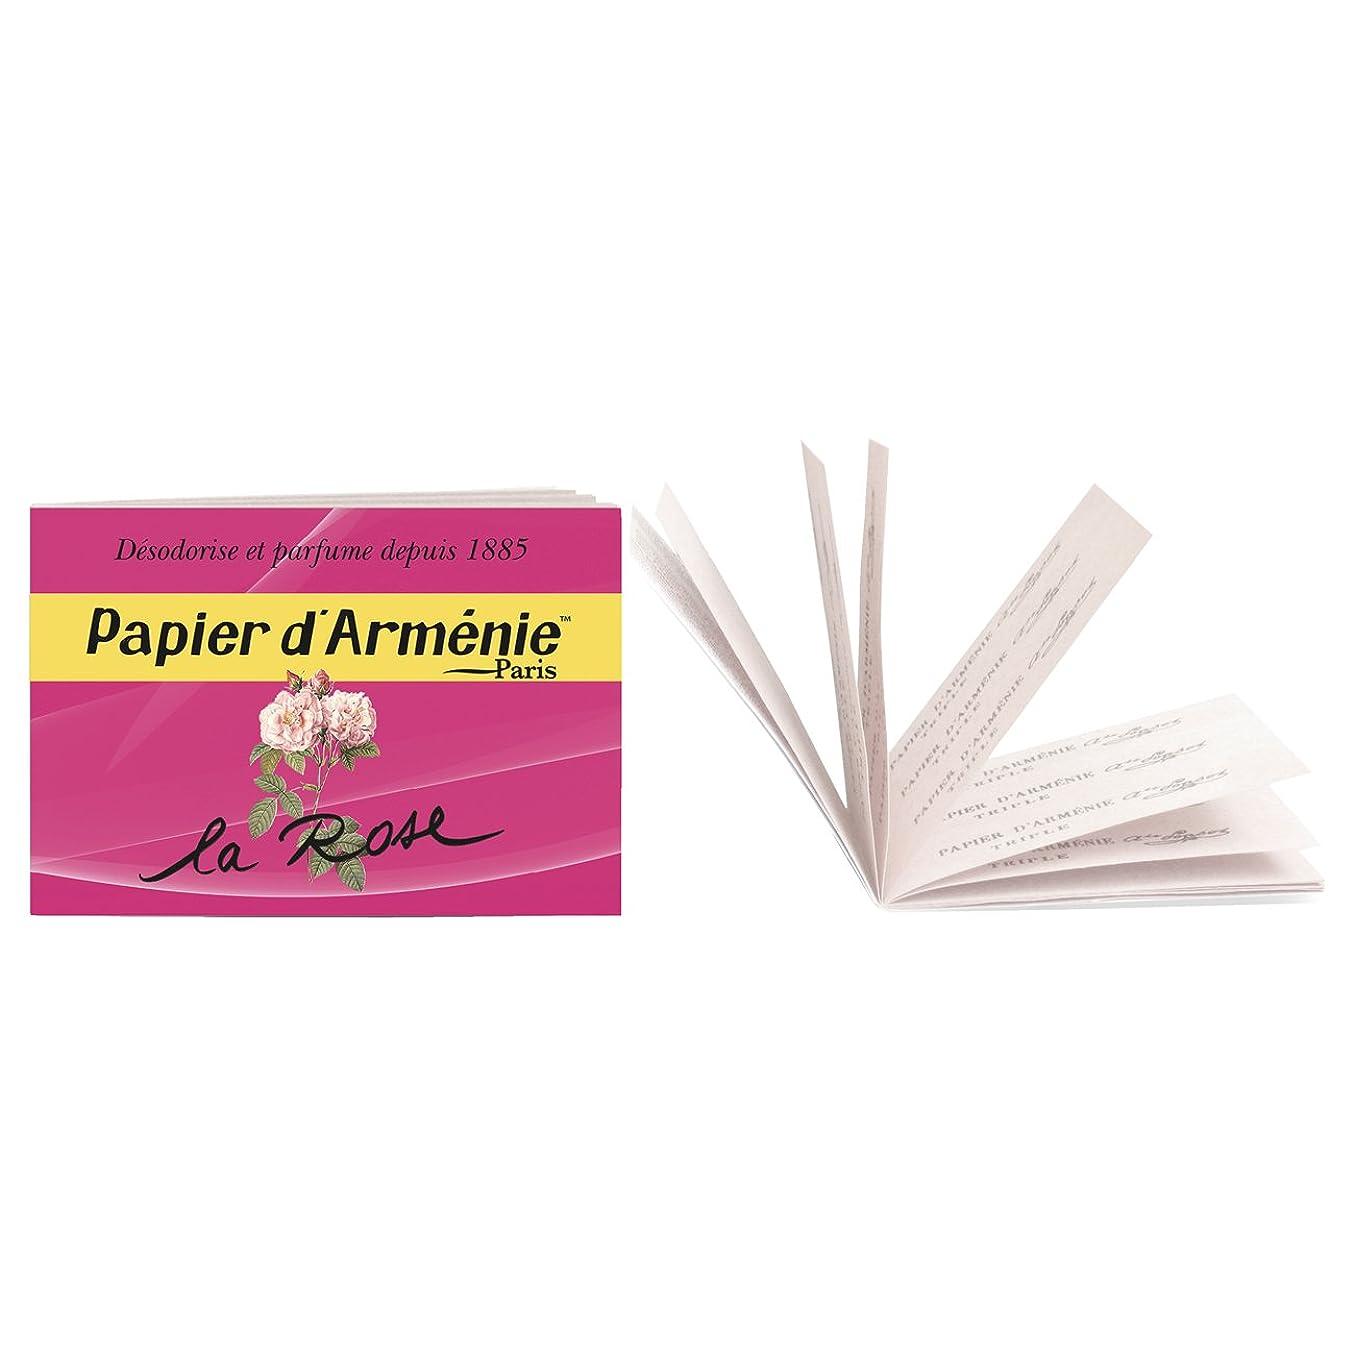 控える着服有効なパピエダルメニイ トリプル ローズ (紙のお香 3×12枚/36回分)